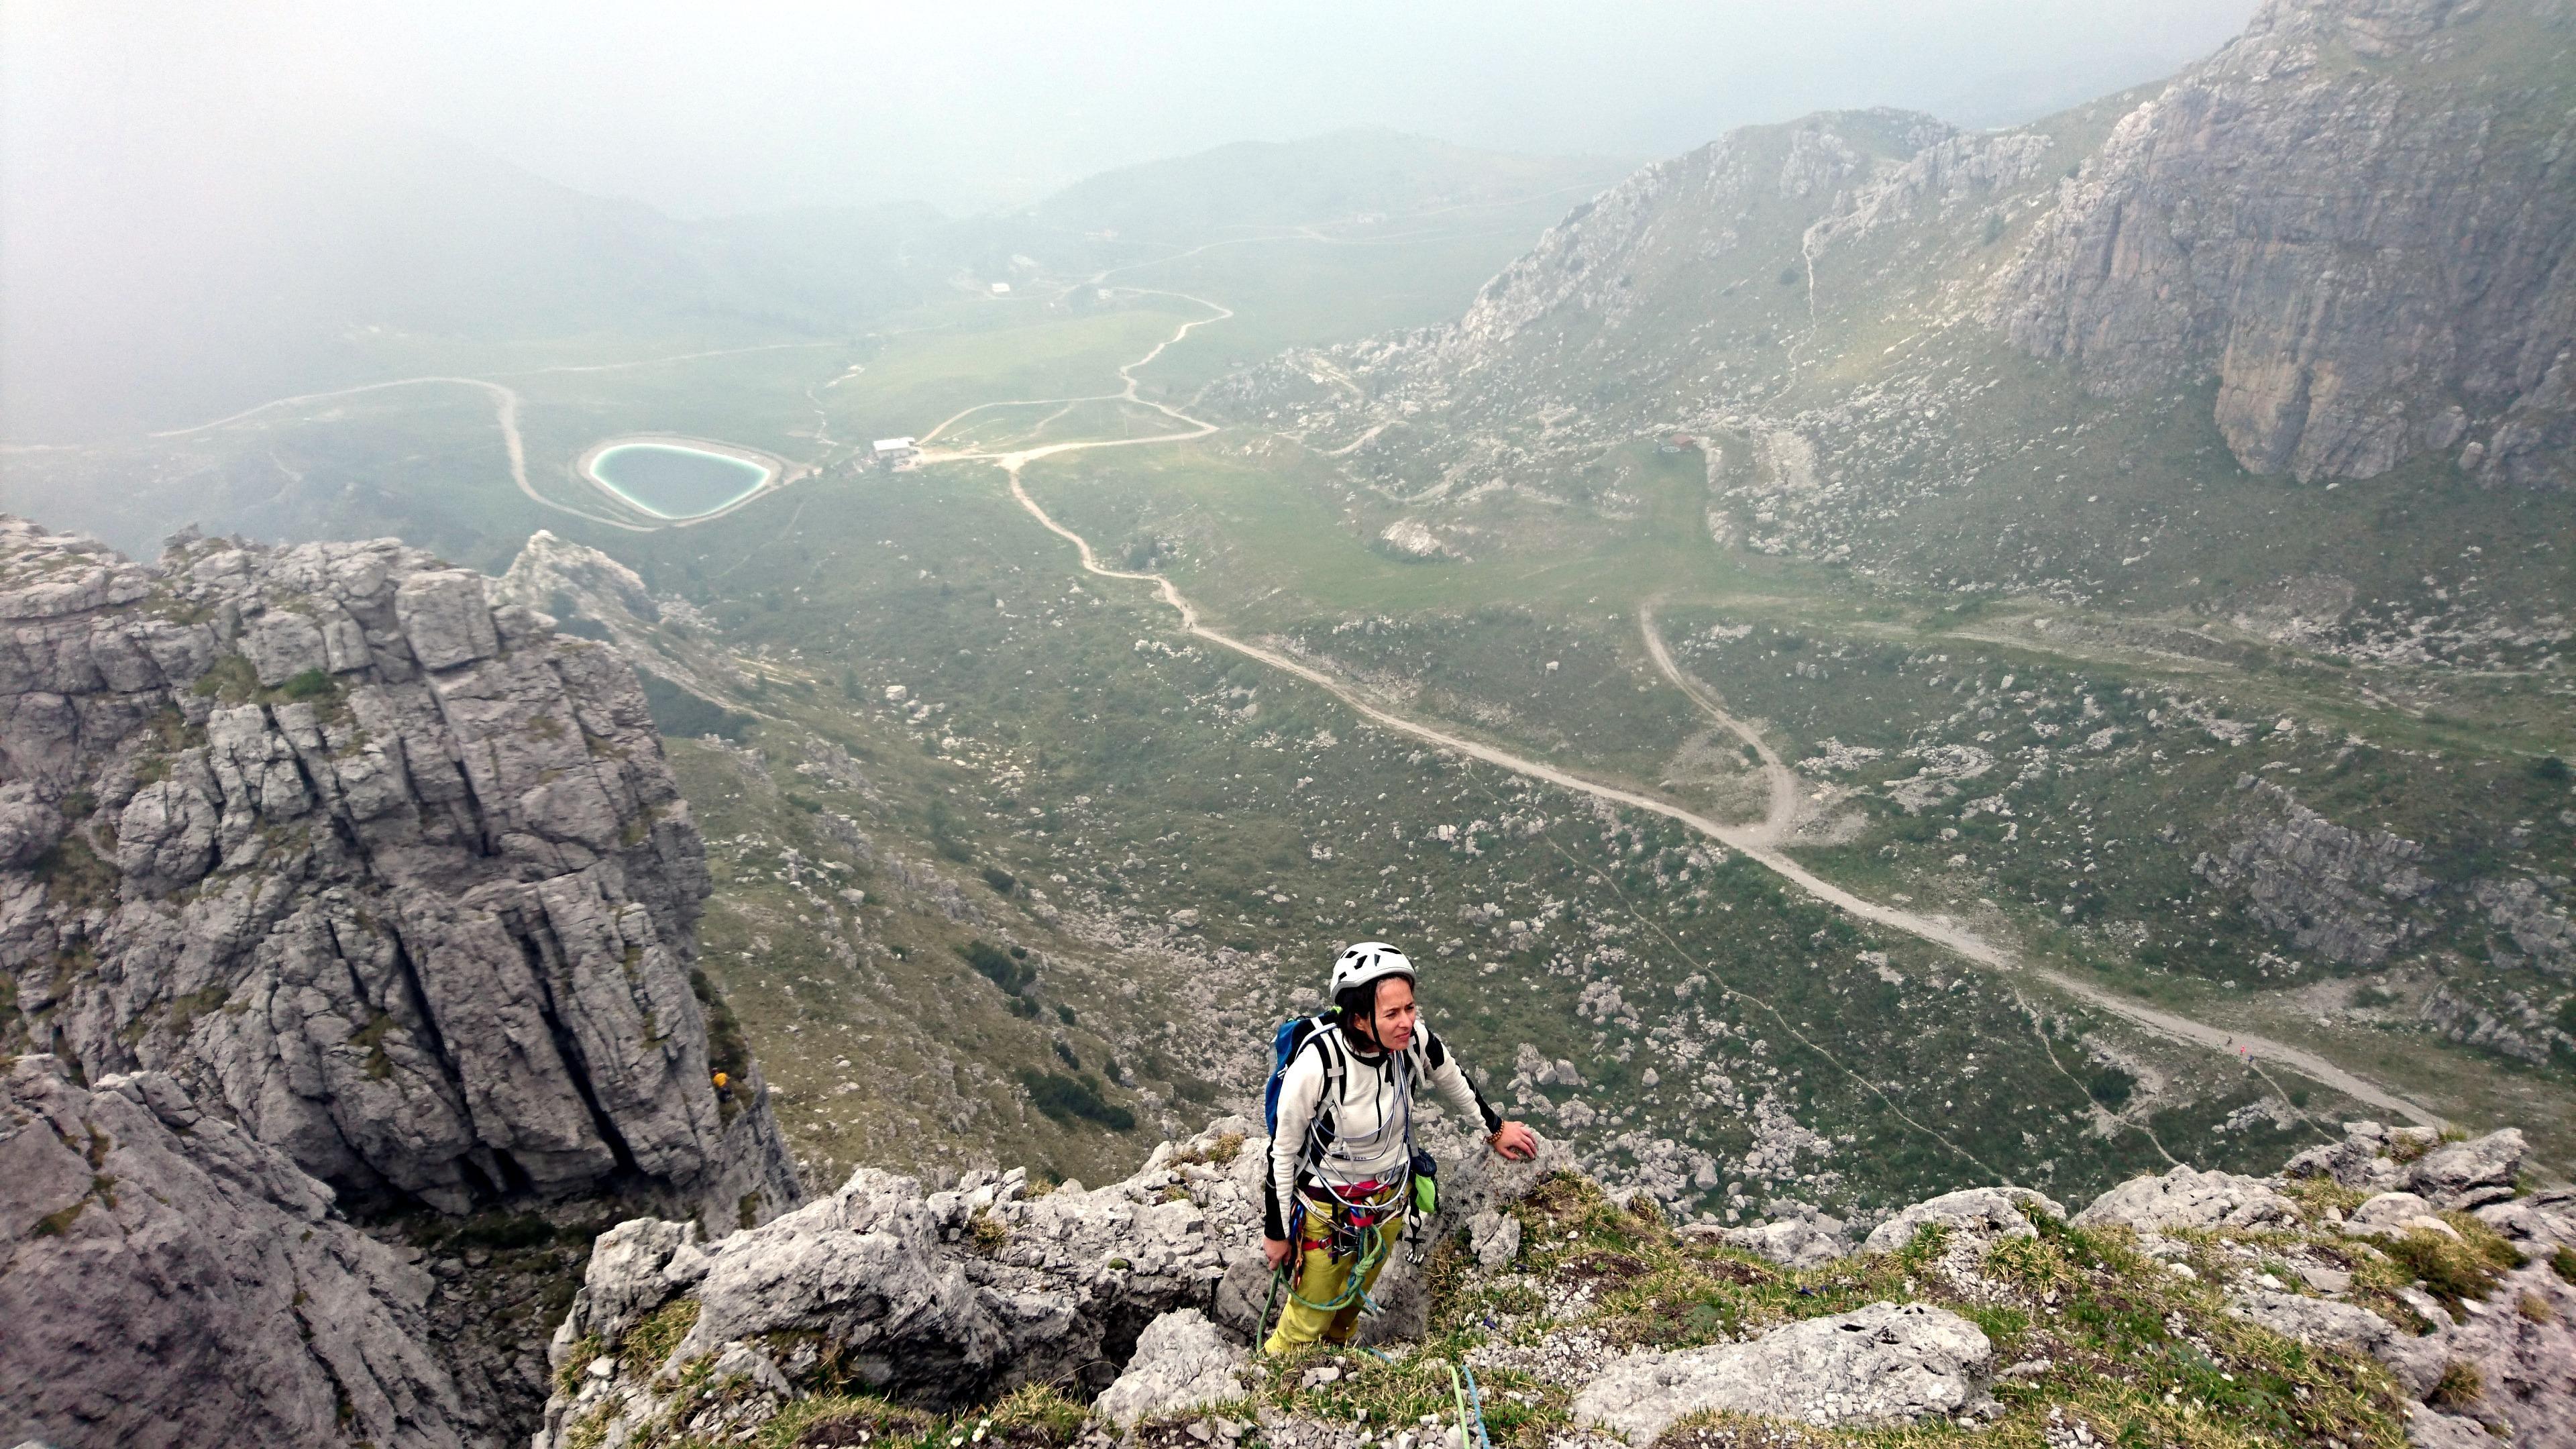 il paesaggio a valle si apre leggermente: sullo sfondo il laghetto artificiale vicino al rifugio Lecco